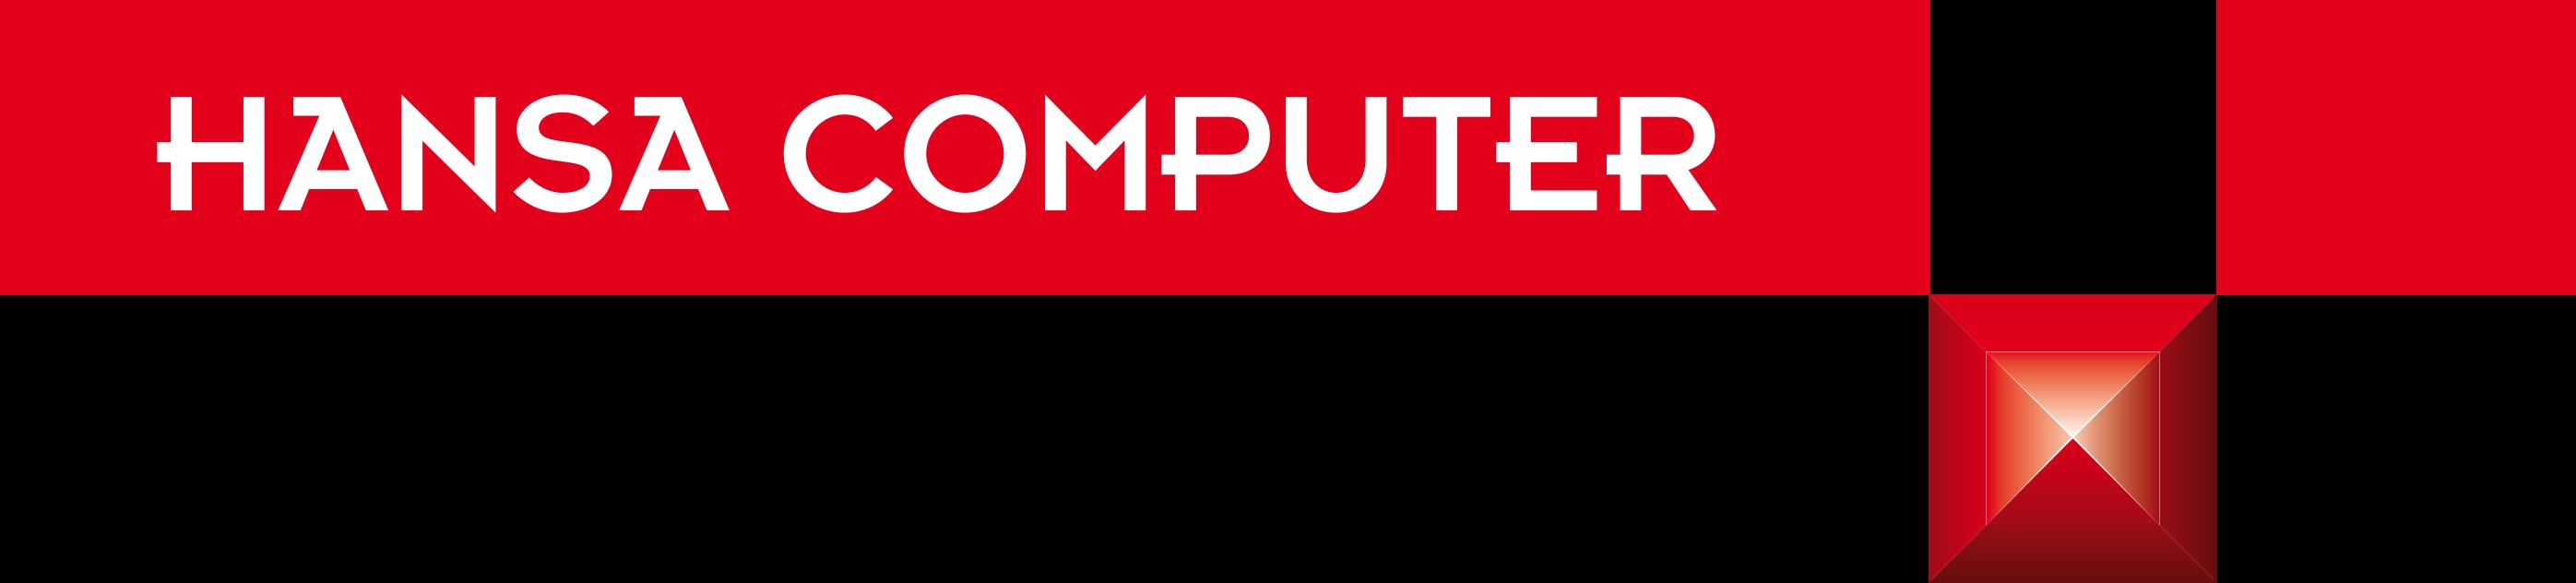 HANSA COMPUTER Logo